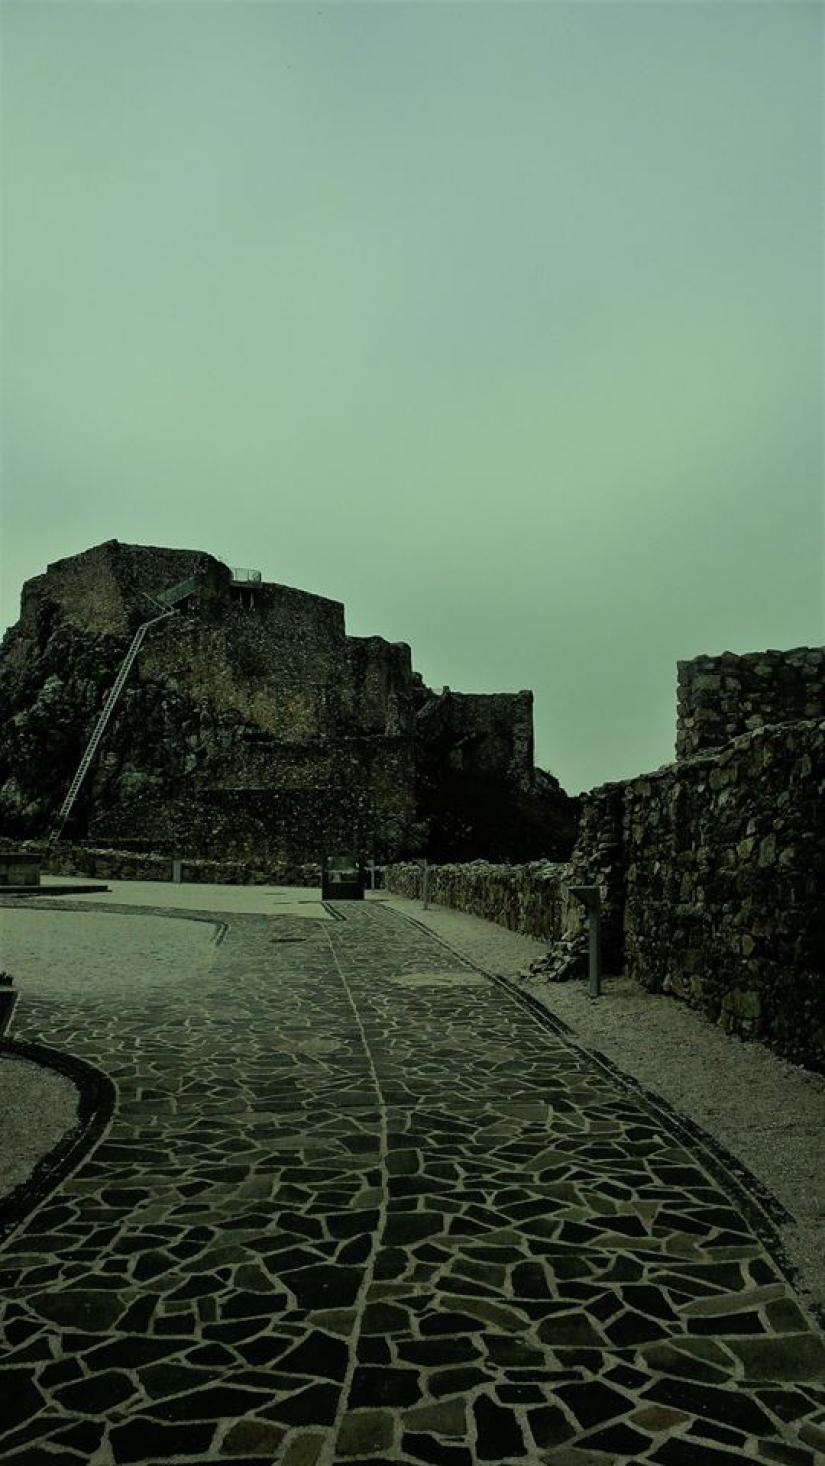 Devín (Slovacchia) - Dentro il castello